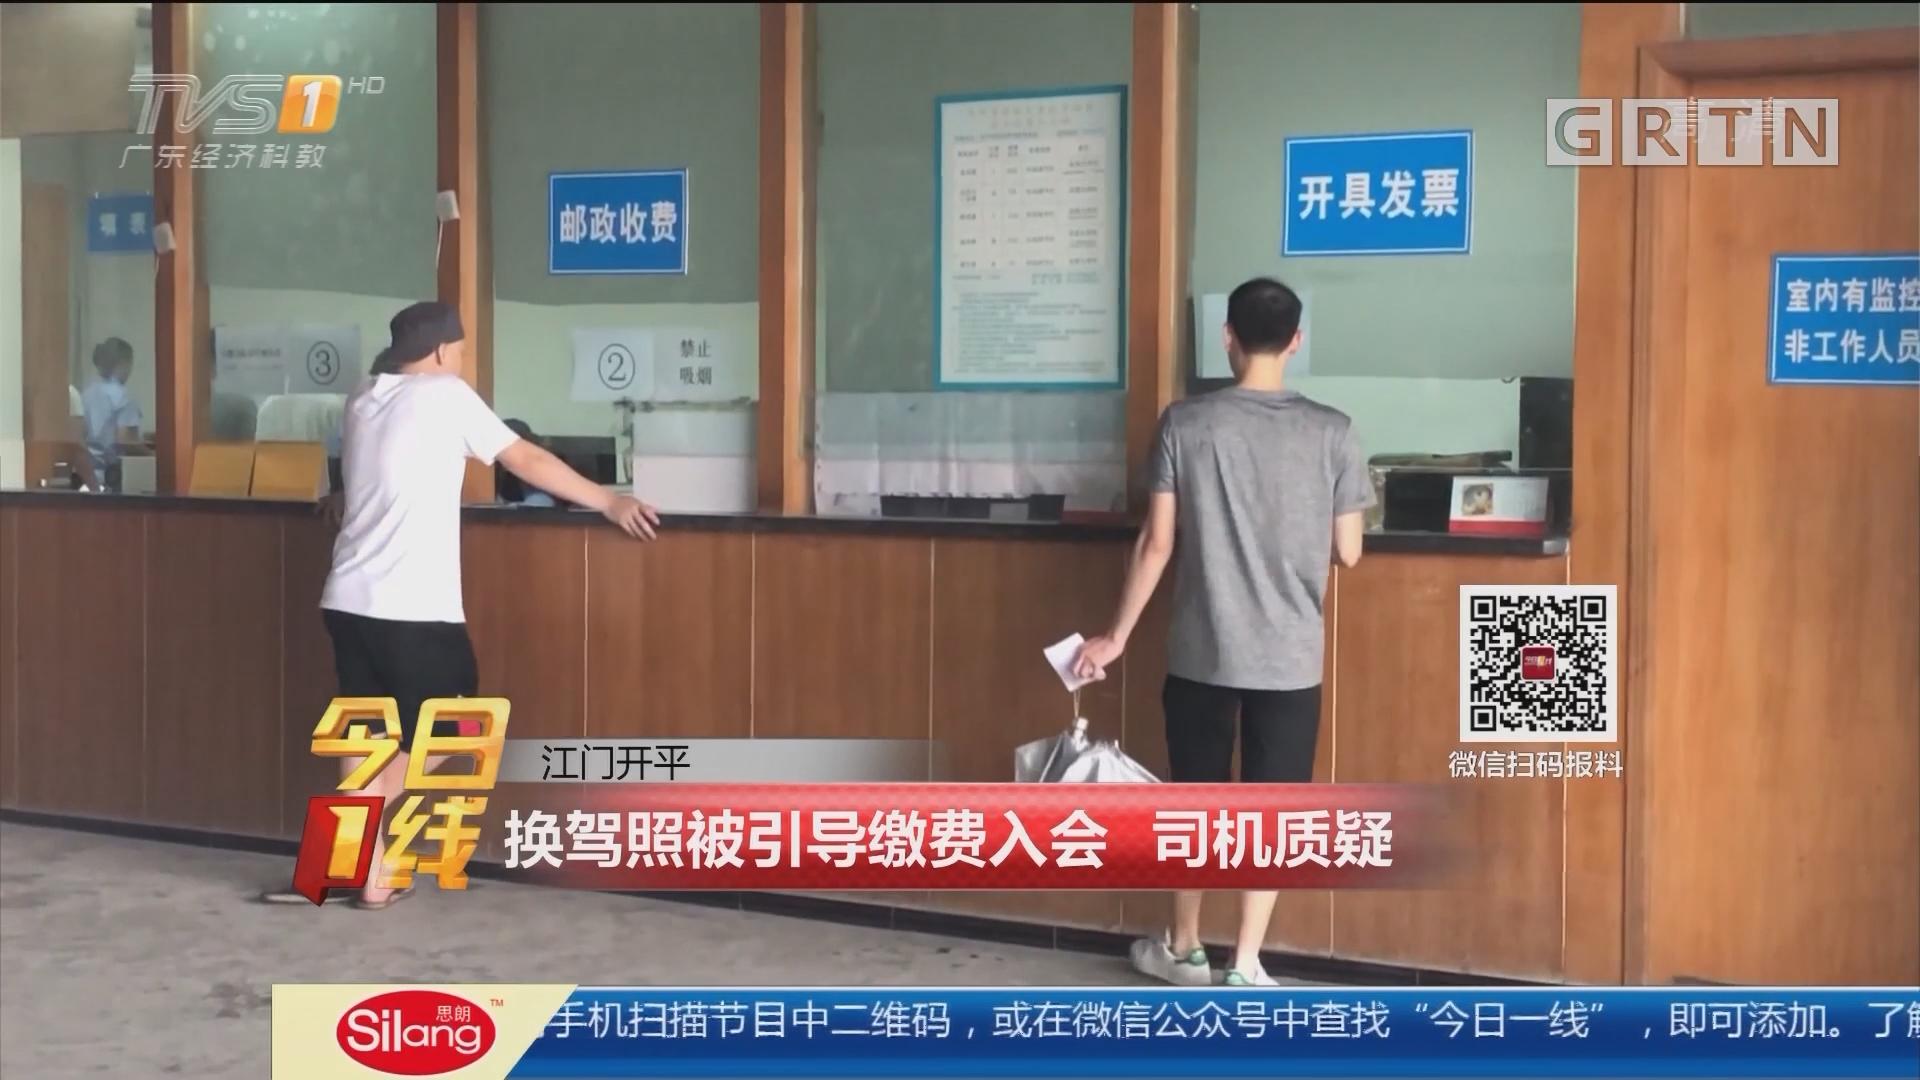 江门开平:换驾照被引导缴费入会 司机质疑